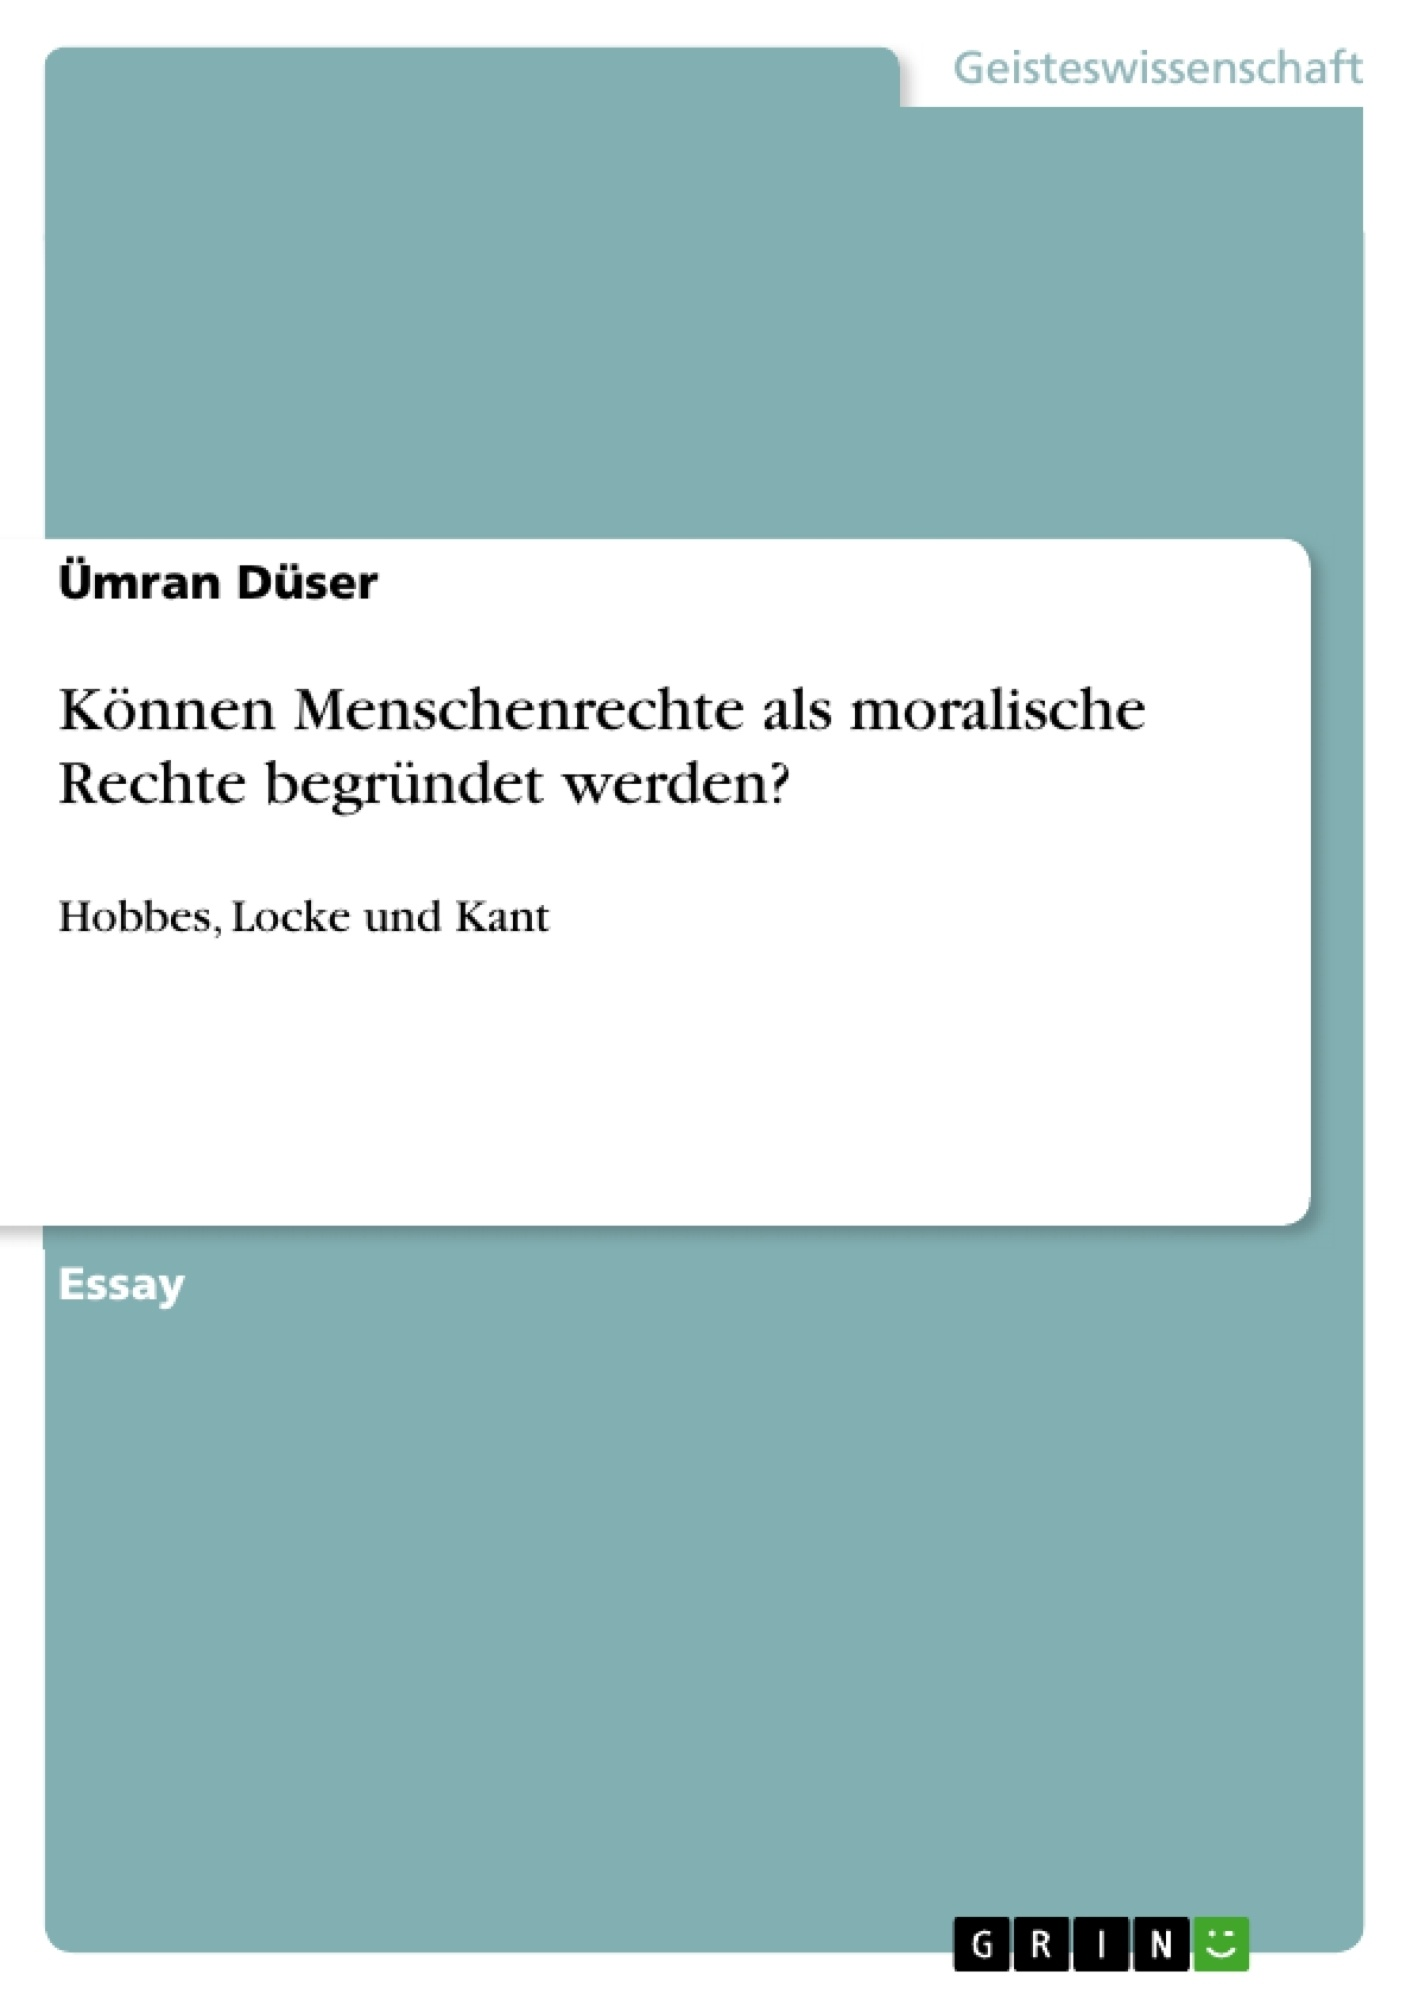 Titel: Können Menschenrechte als moralische Rechte begründet werden?